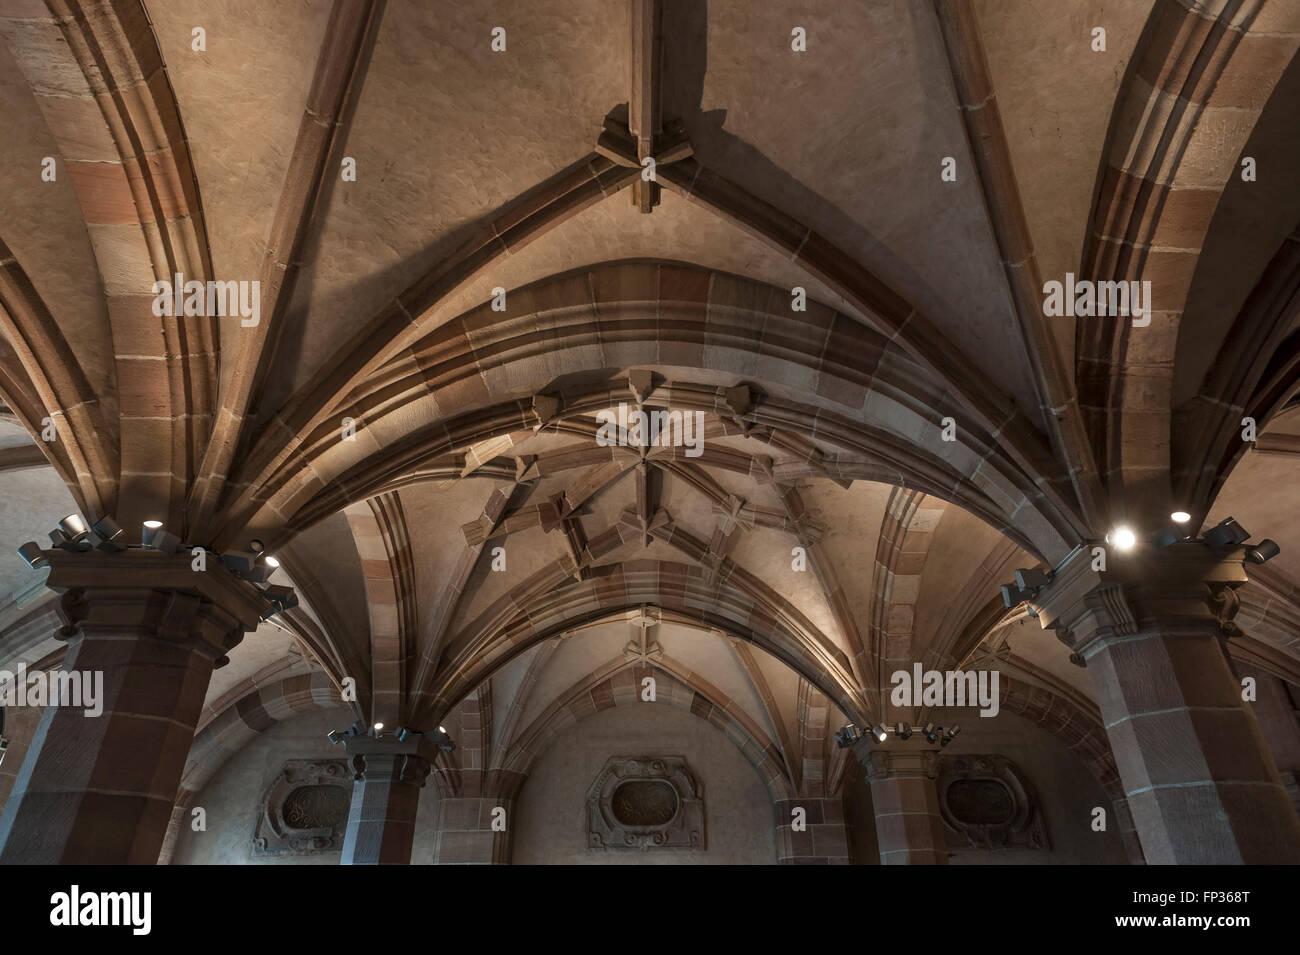 Renaissance Vaults In The Atrium Of The Pellerhaus Built In 1605